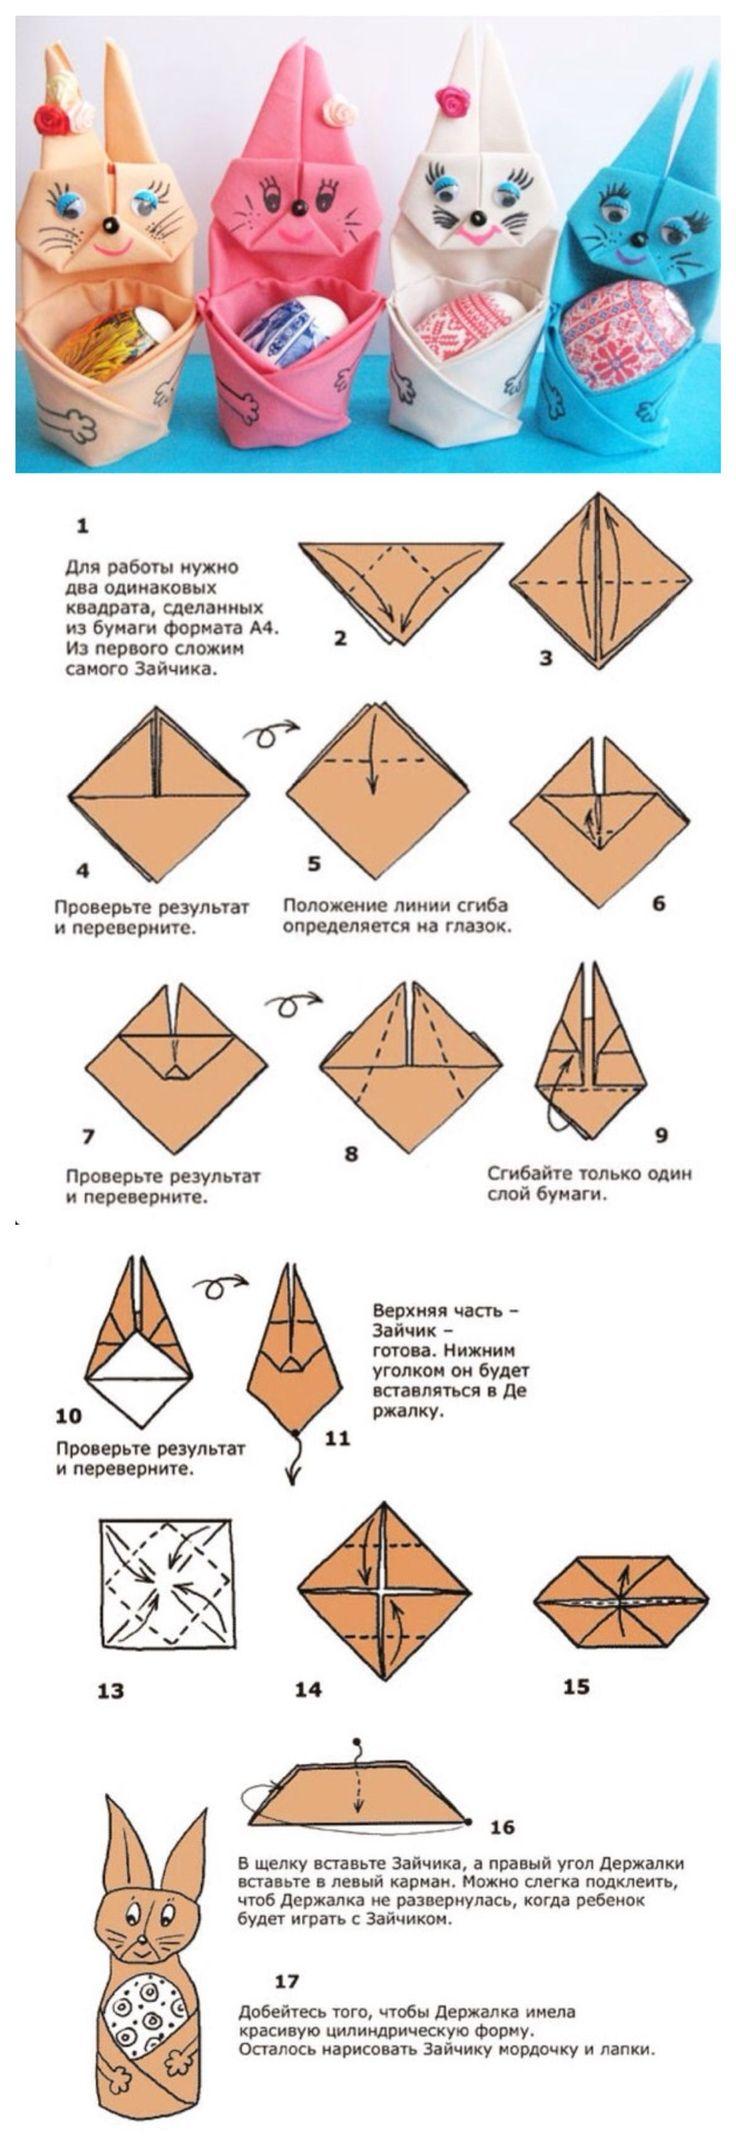 оригами схема сборки танцующие звезды